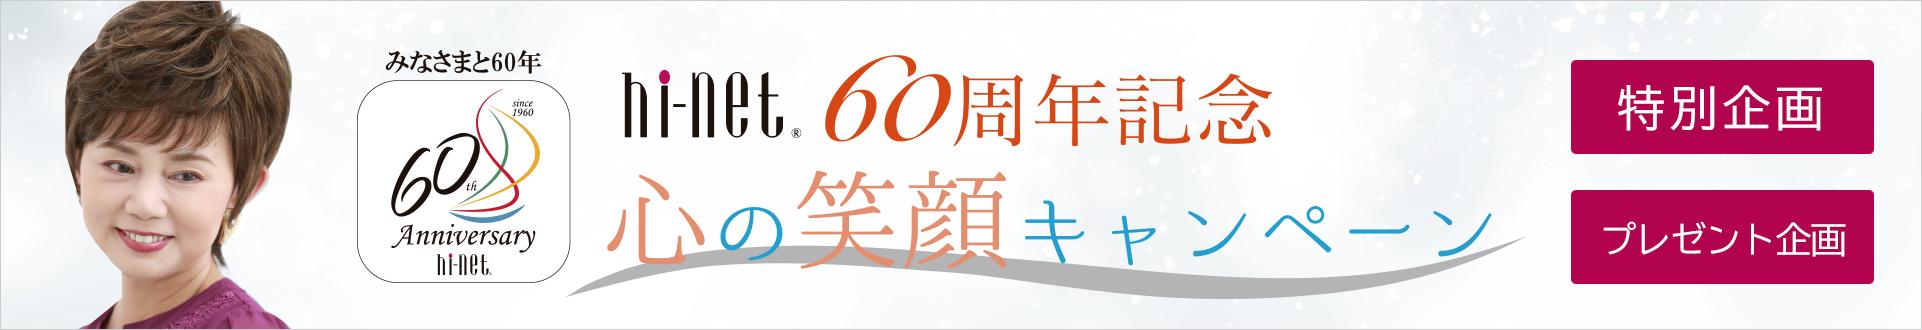 ハイネット創業60周年「心の笑顔キャンペーン」 2021年1月16日(土)~2月28日(日)まで